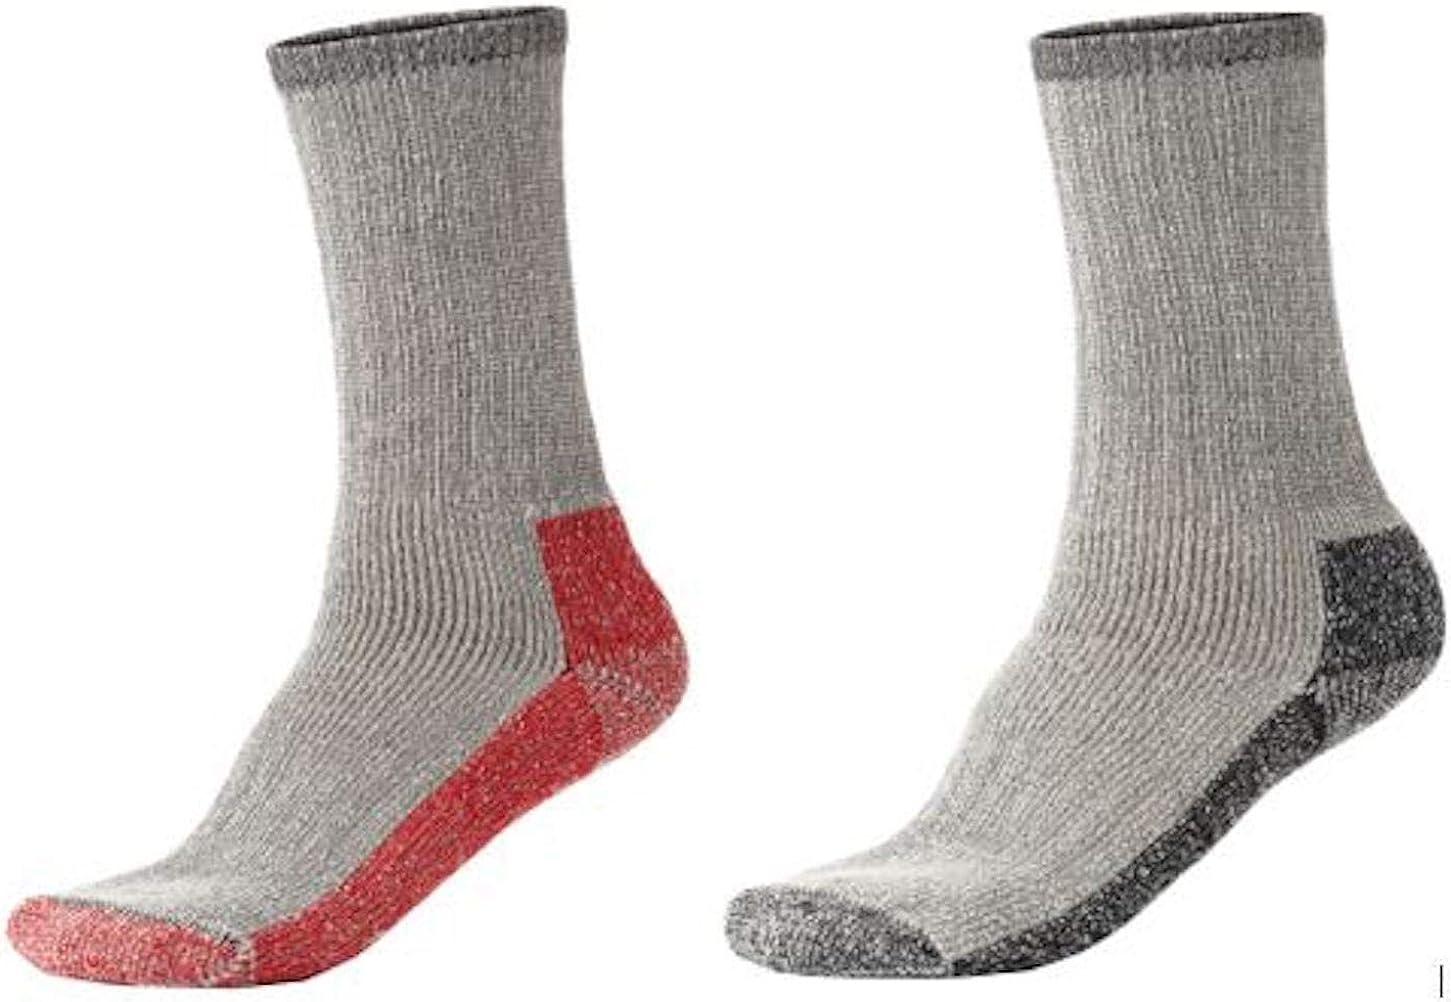 Terramar Thermal Crew Socks (2 Pack)